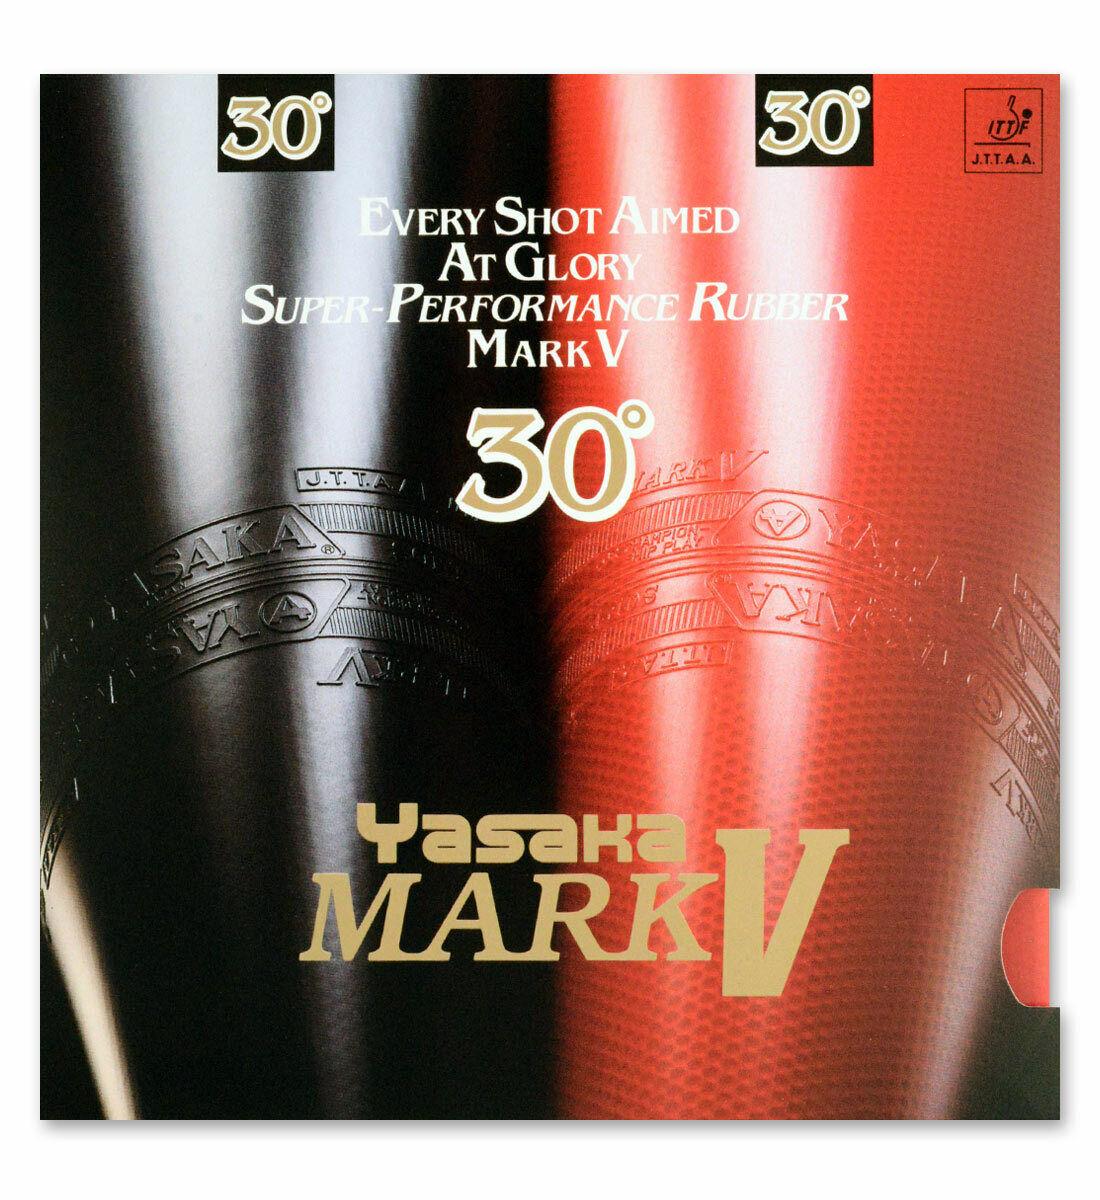 Yasaka Table Tennis Rubber Sponge  Mark V 30   MarkV 30, New, USD